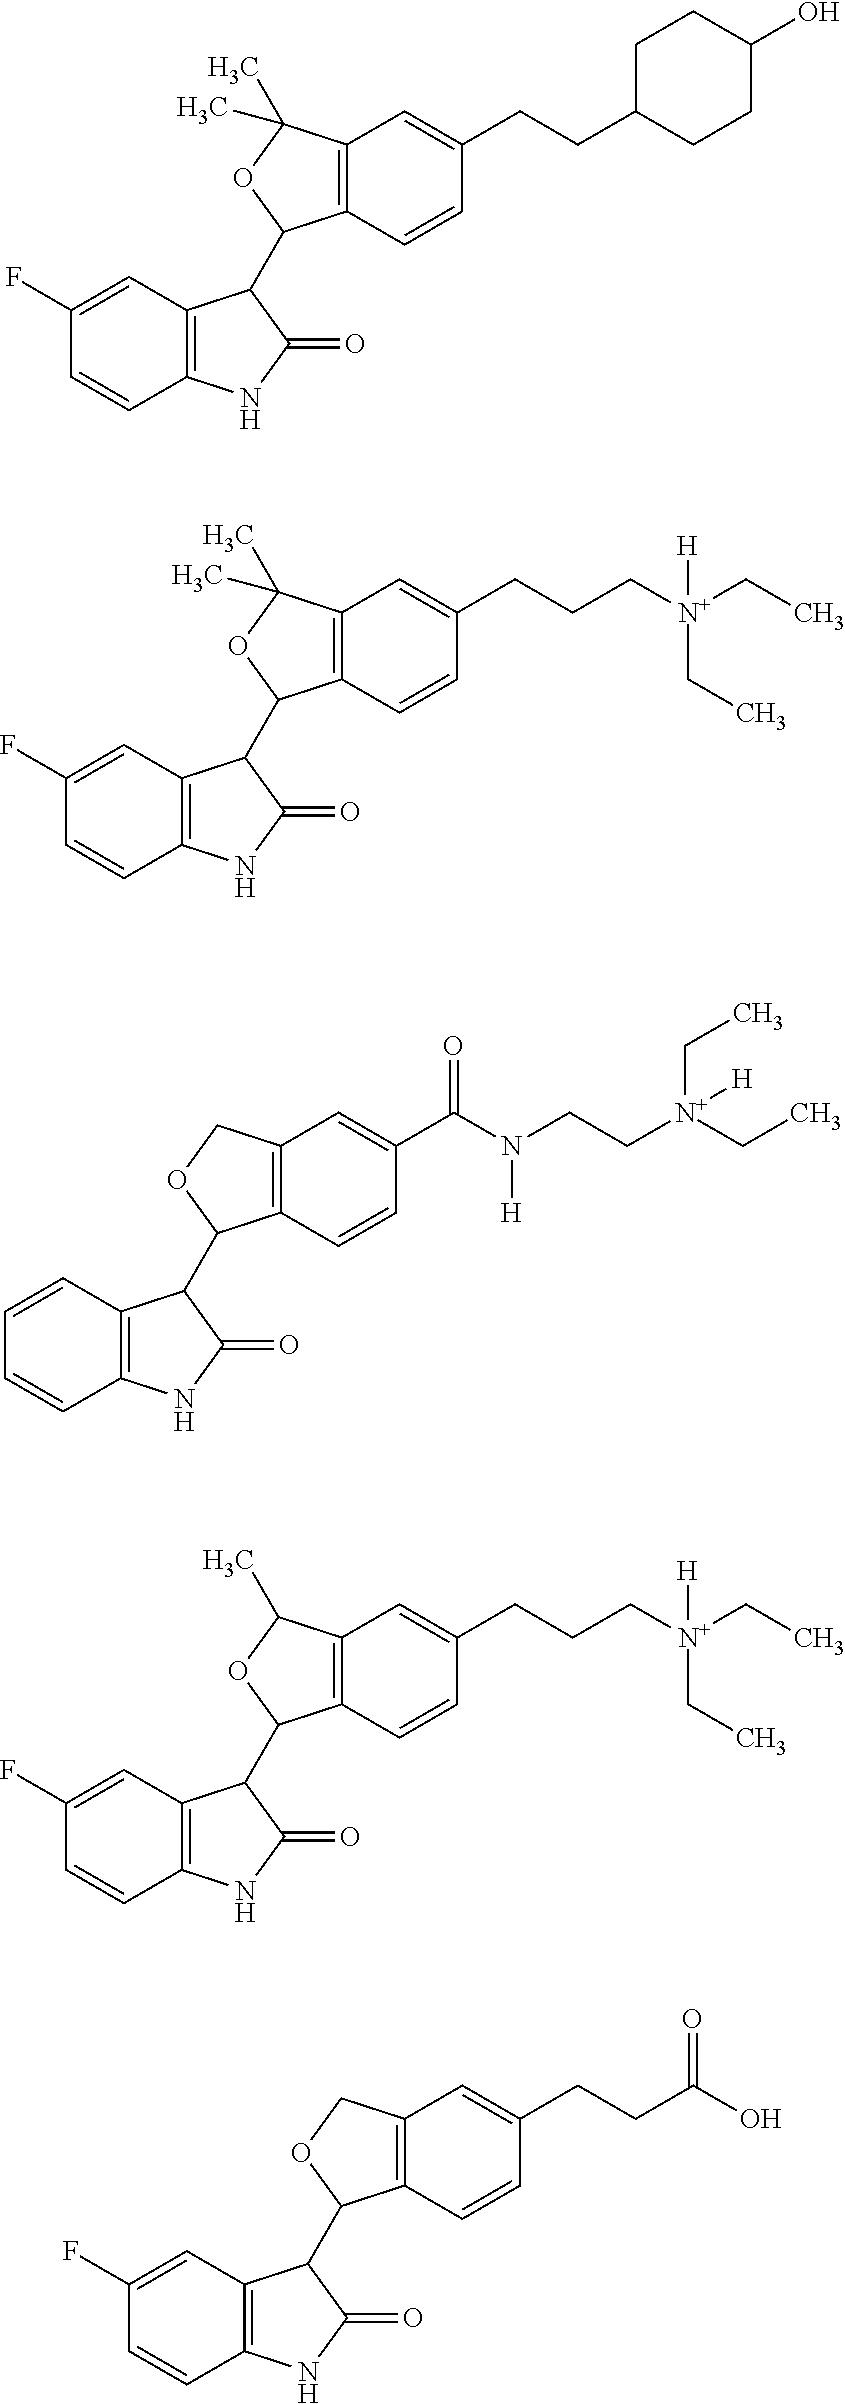 Figure US09233070-20160112-C00001